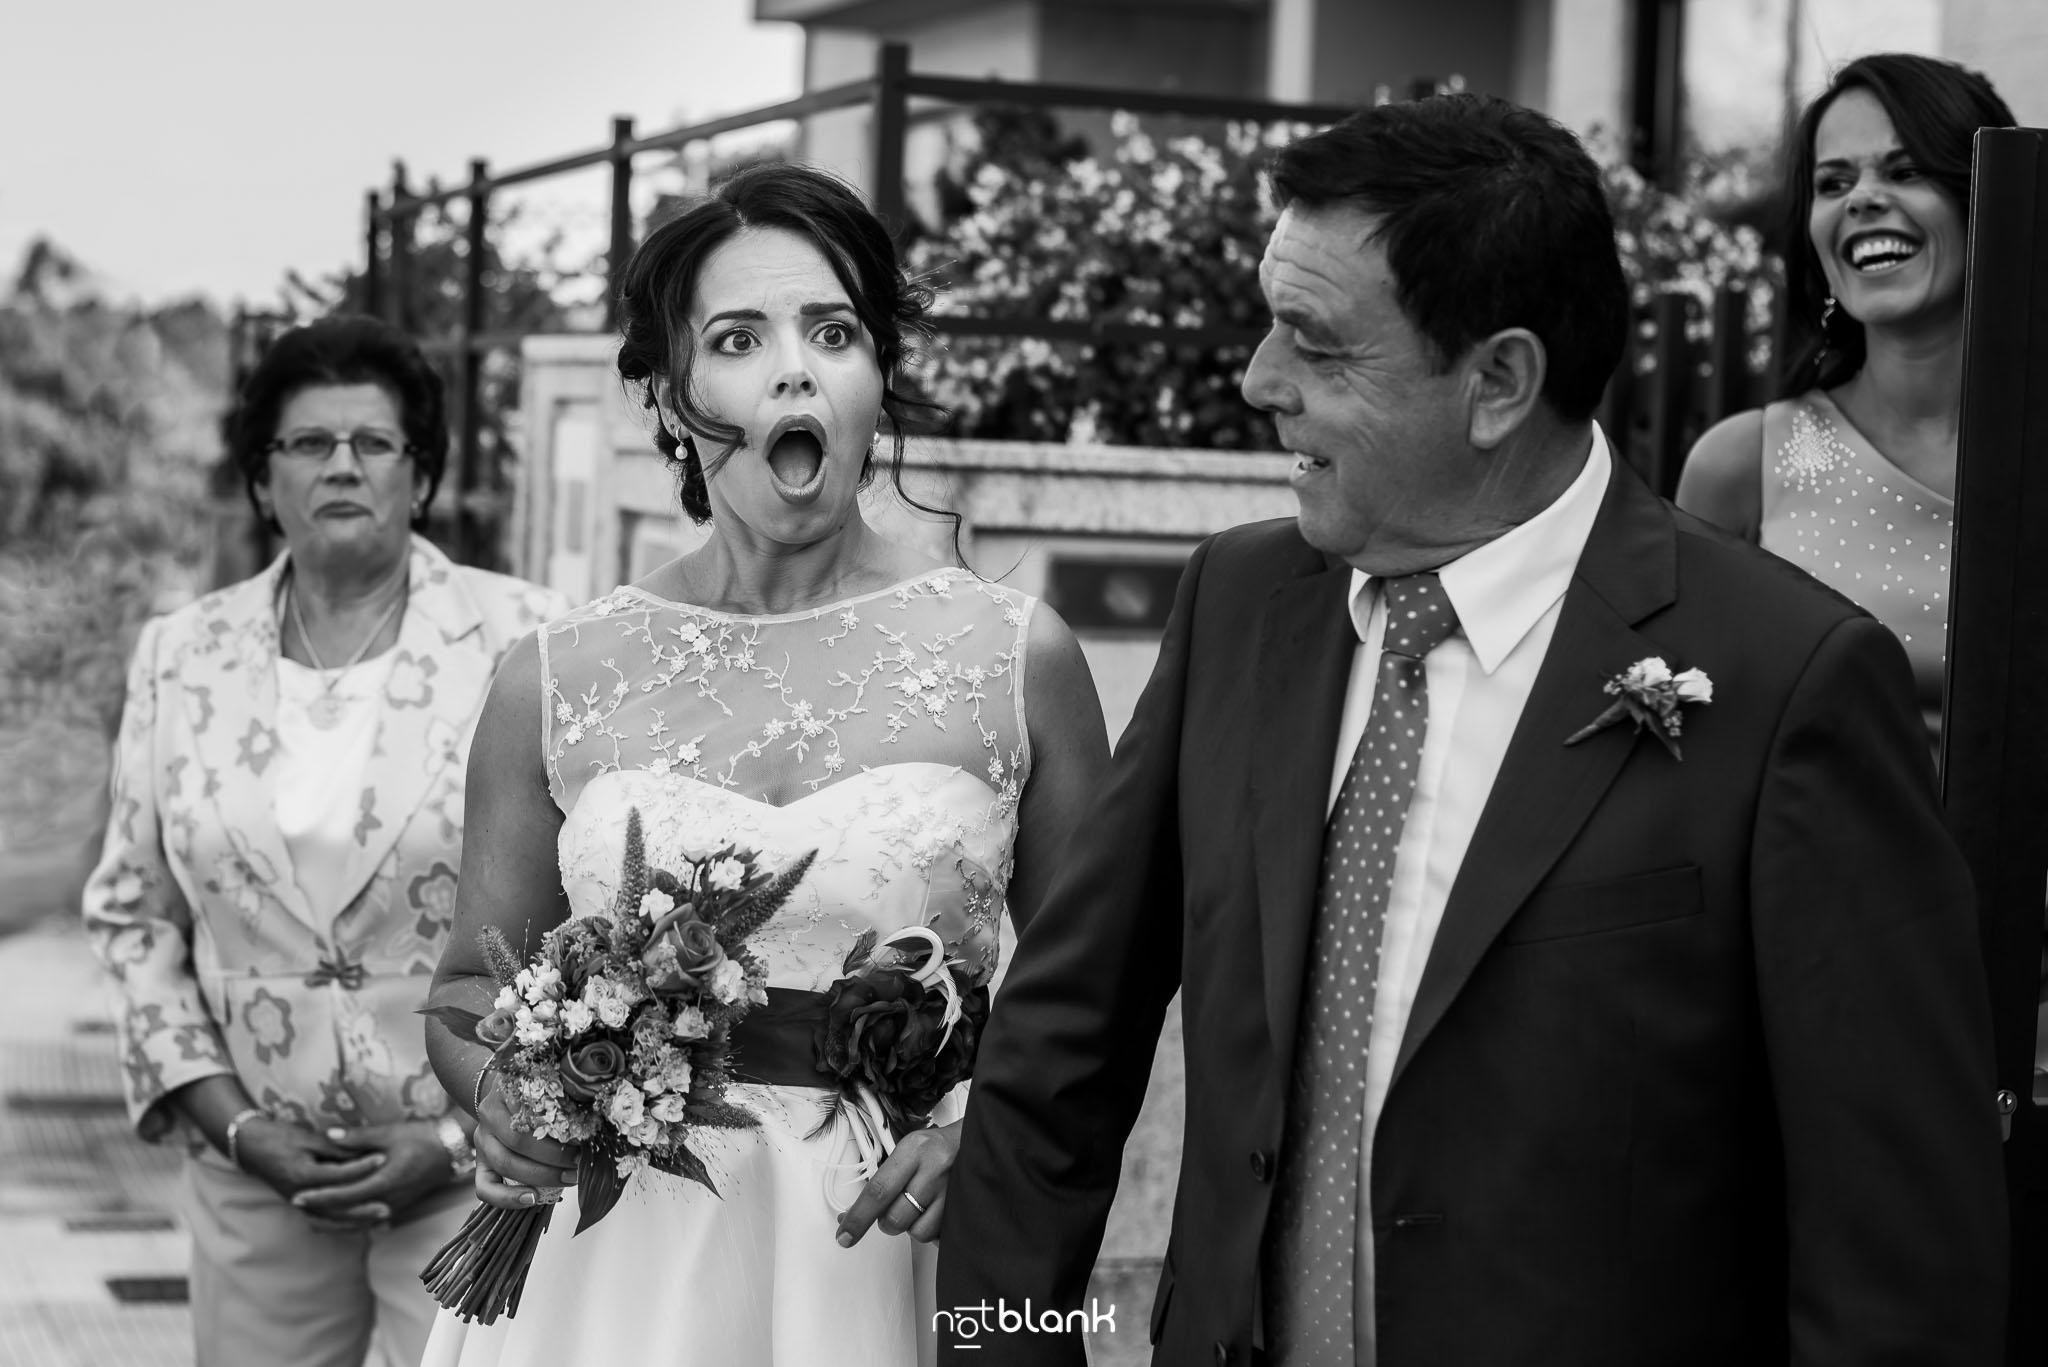 notblank-boda-Fotógrafo de boda-Tui-Novia-Miradas-Emoción-Padrino-Padre de la novia-Hermana